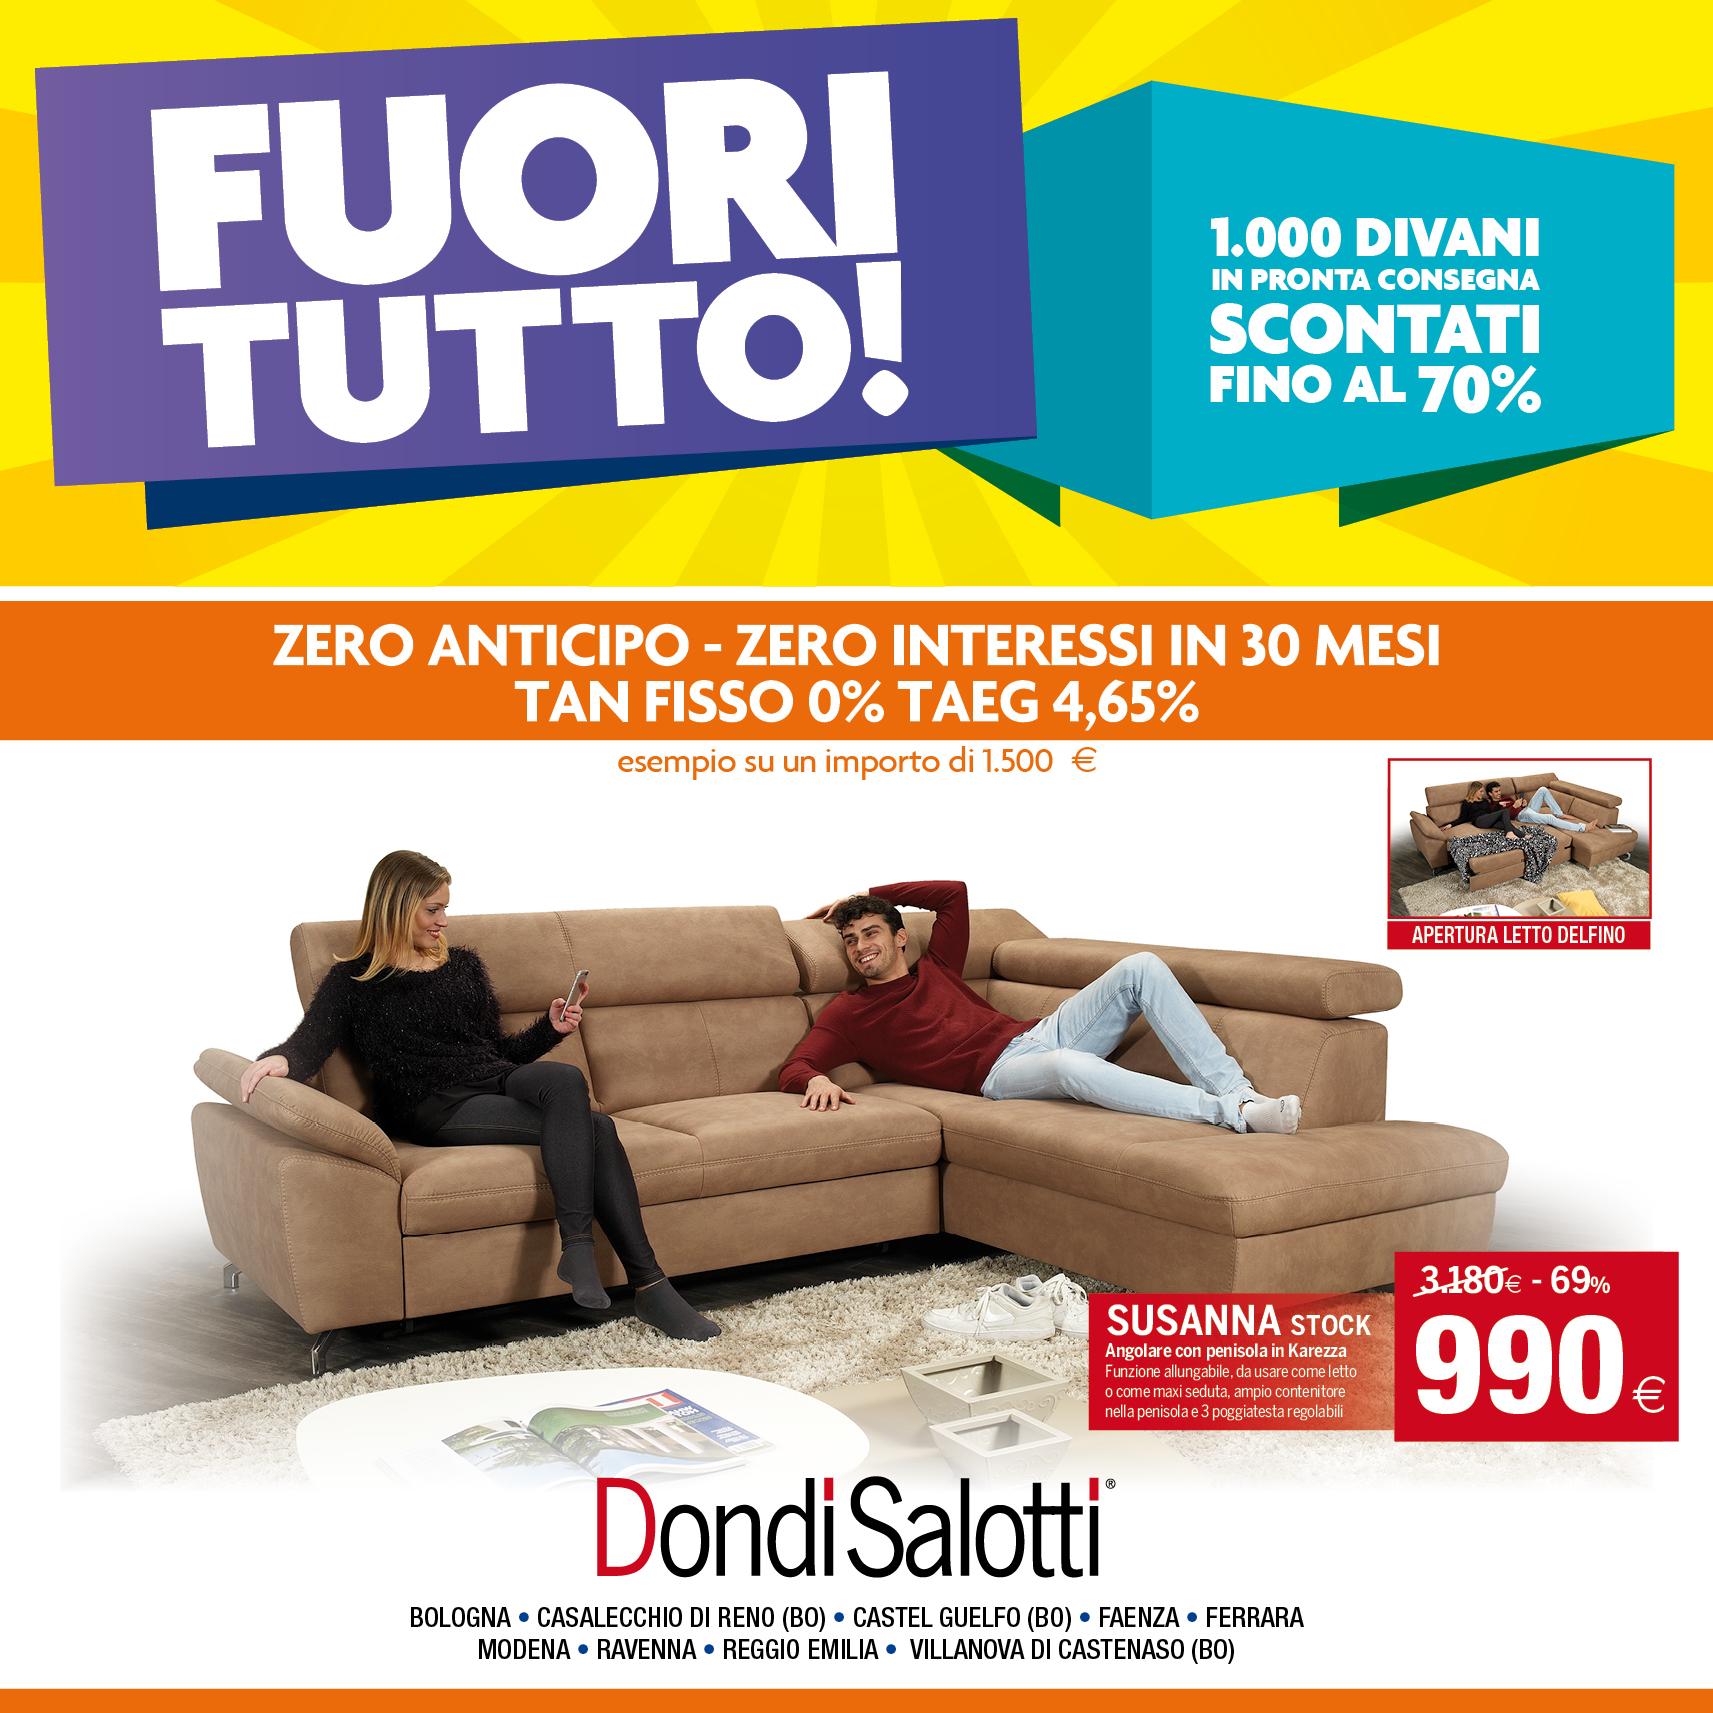 FUORI TUTTO - Zero anticipo e Zero interessi - Dondi Home - Reggio ...